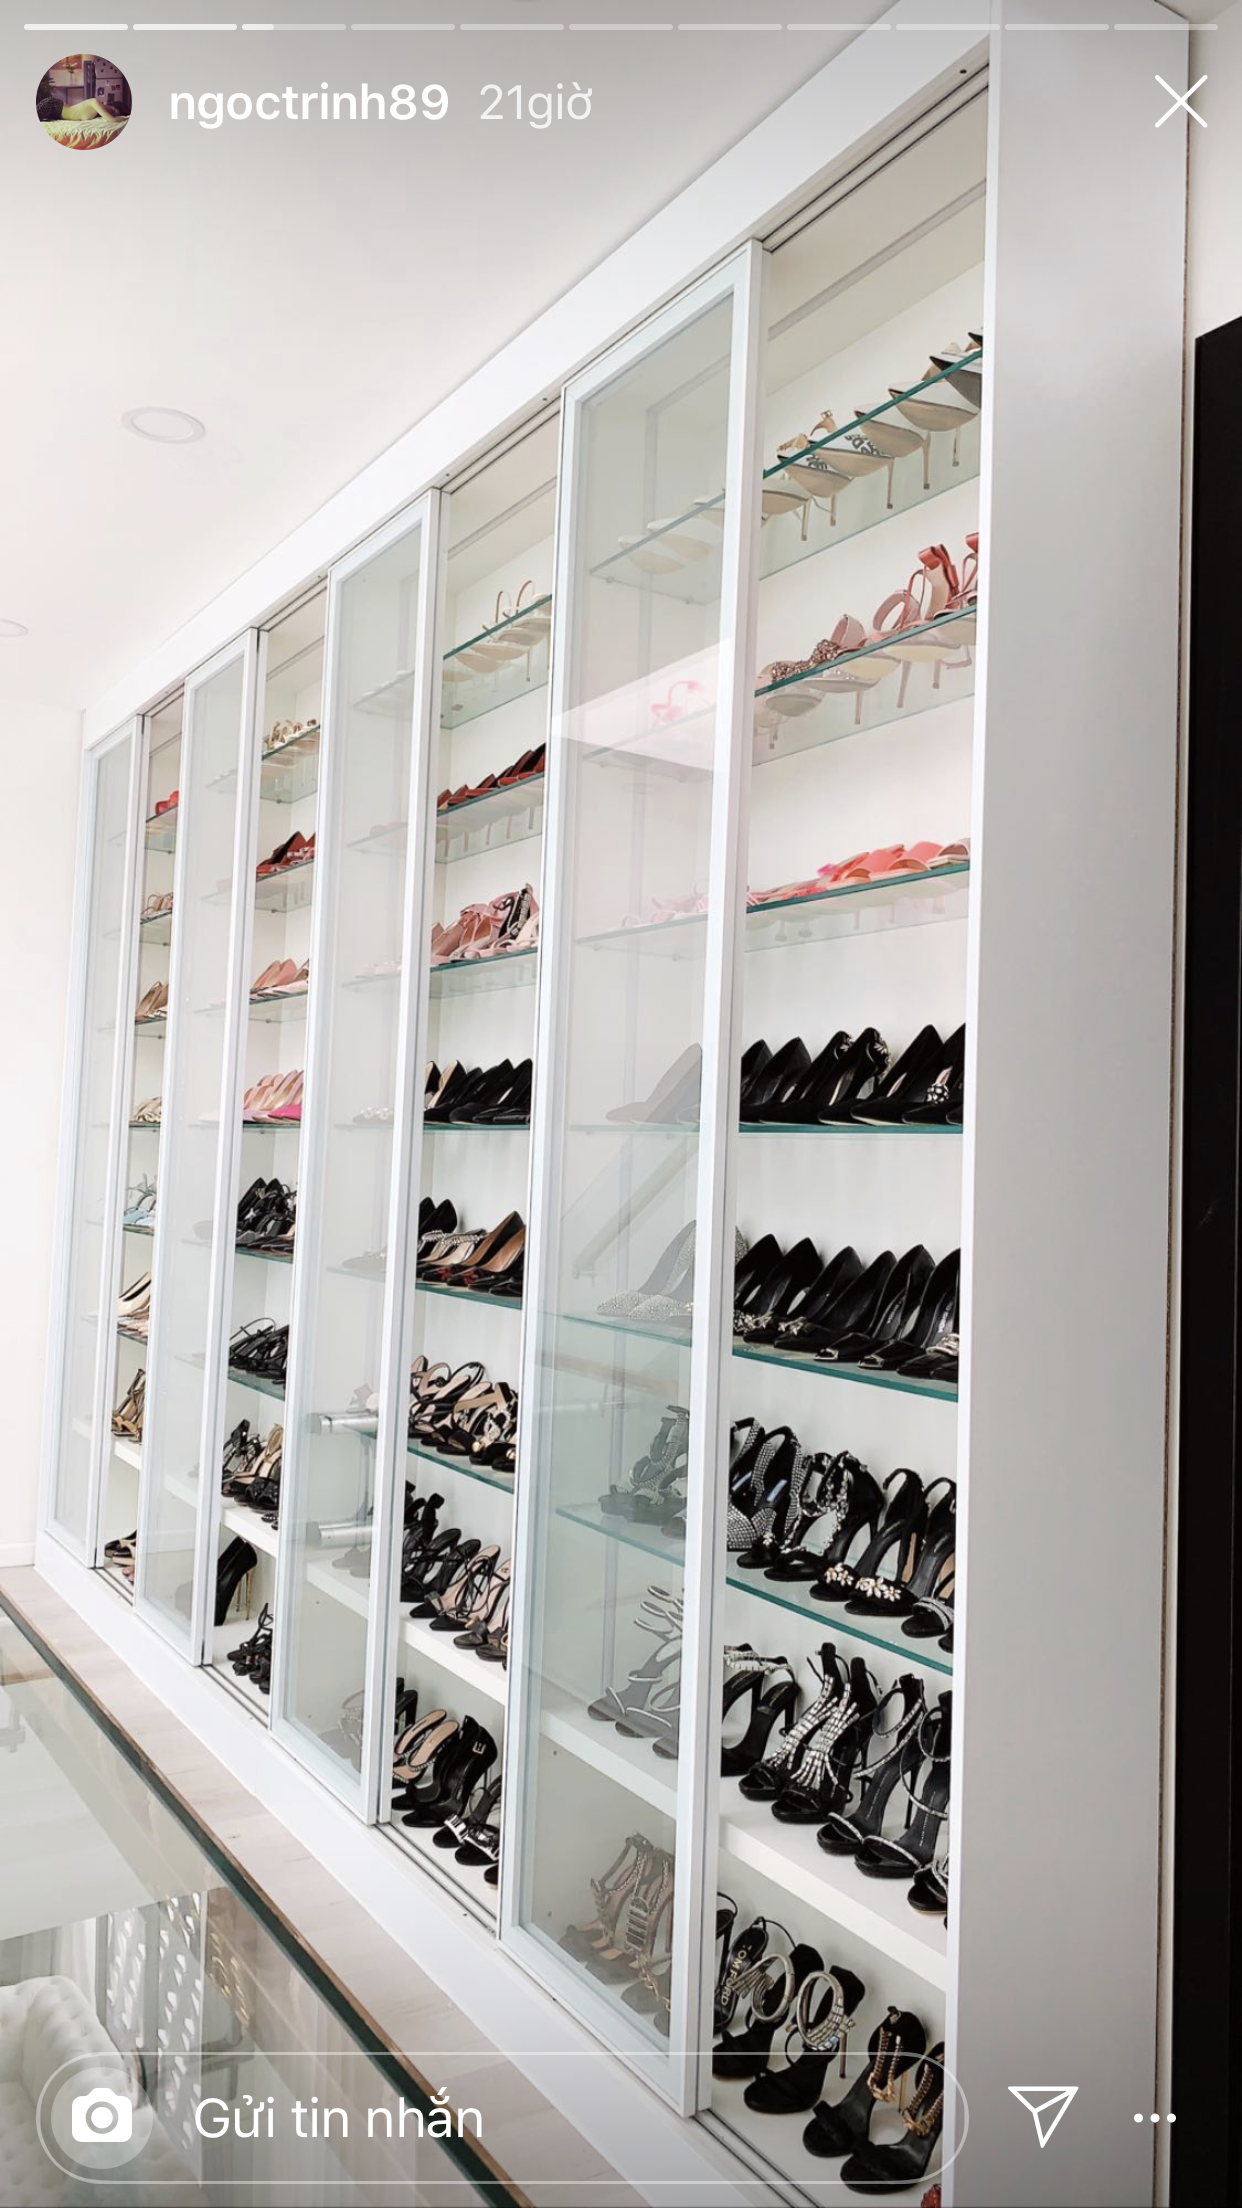 """Ngọc Trinh gây """"choáng"""" vì tủ giày hiệu bổ sung trong biệt thự 50 tỷ đồng - Ảnh 5."""